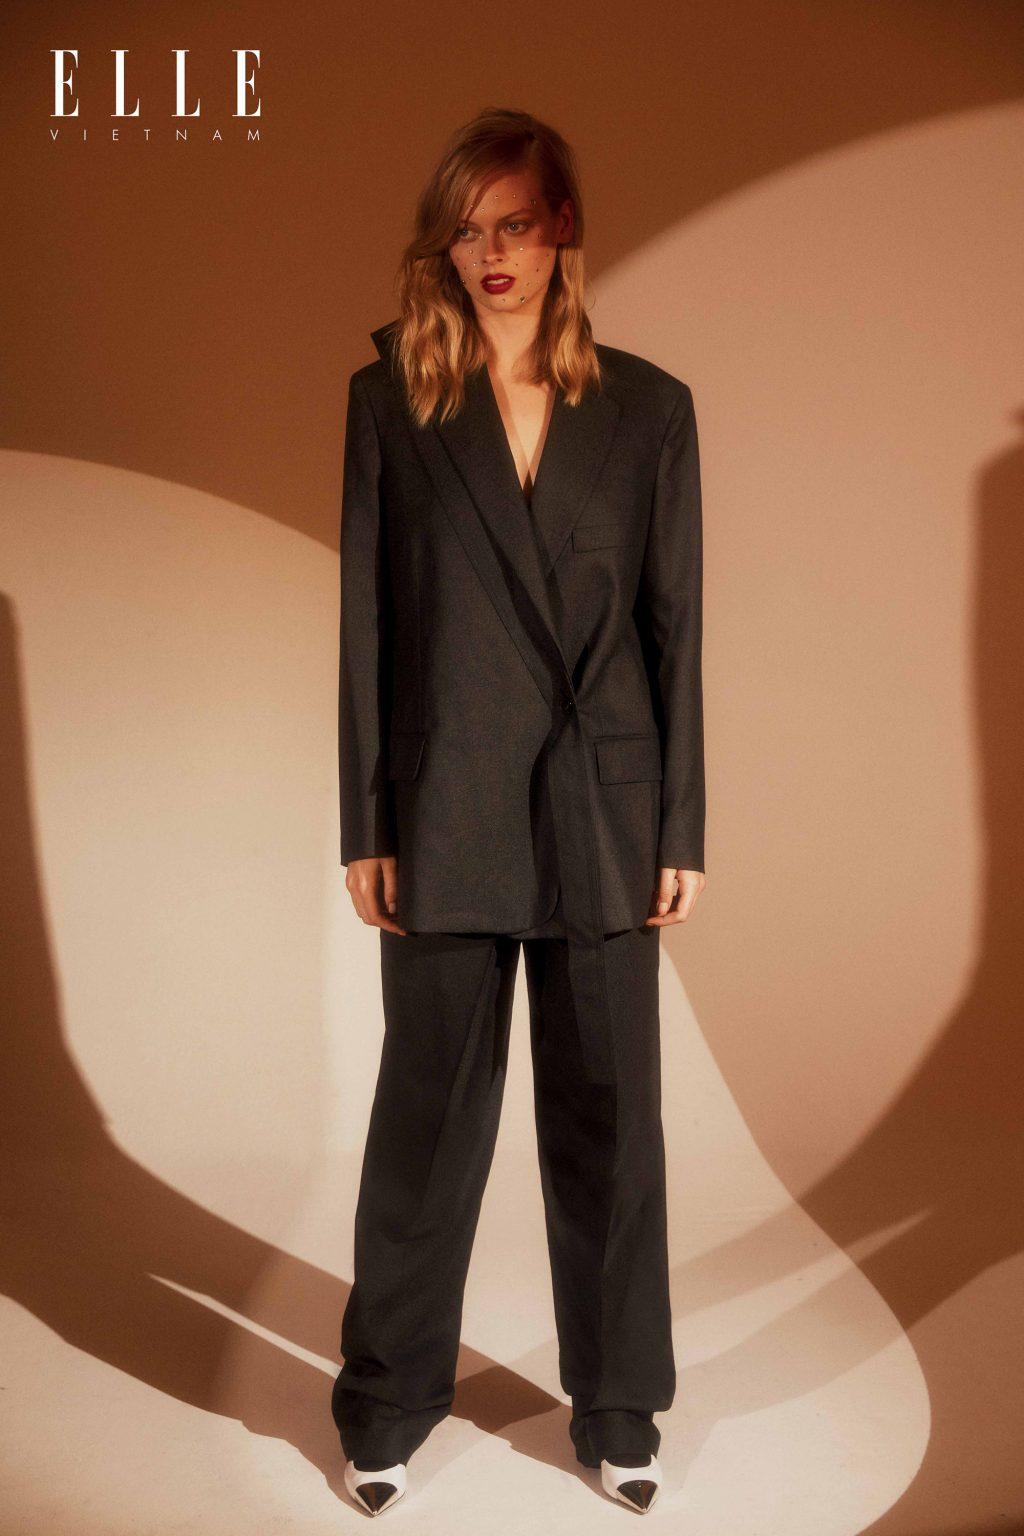 bộ ảnh trang phục Stella McCartney thời trang